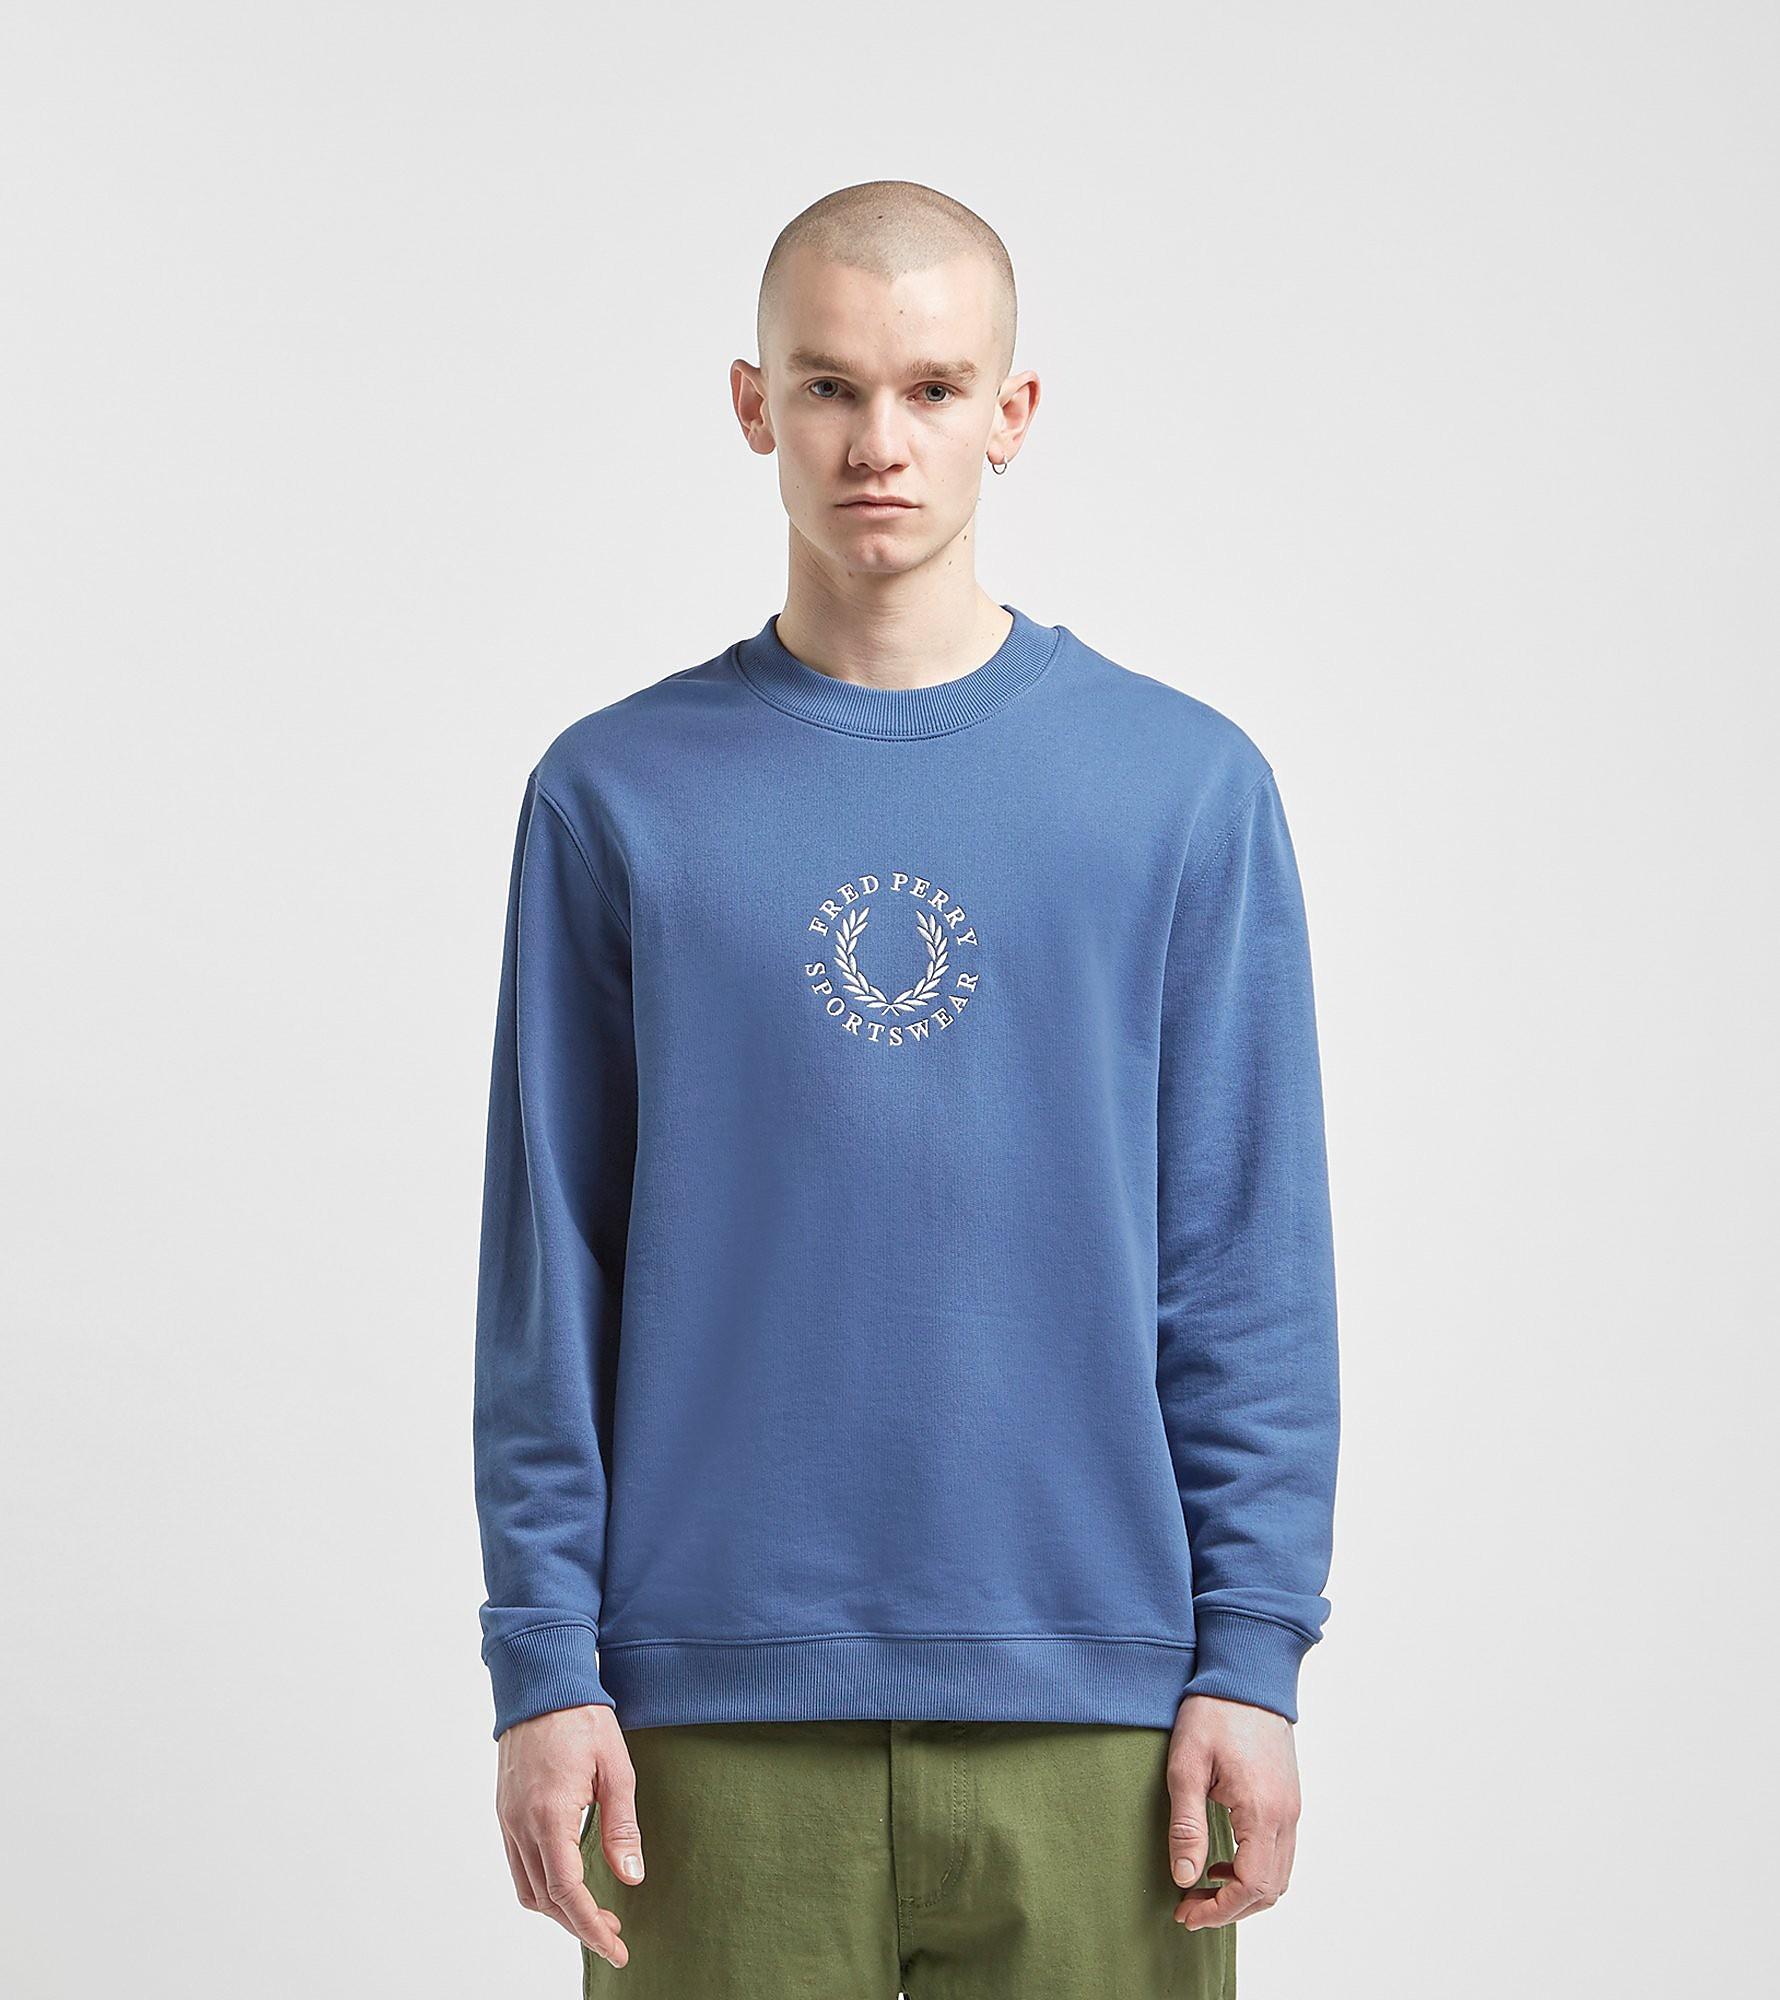 Fred Perry Global Branded Sweatshirt Blue